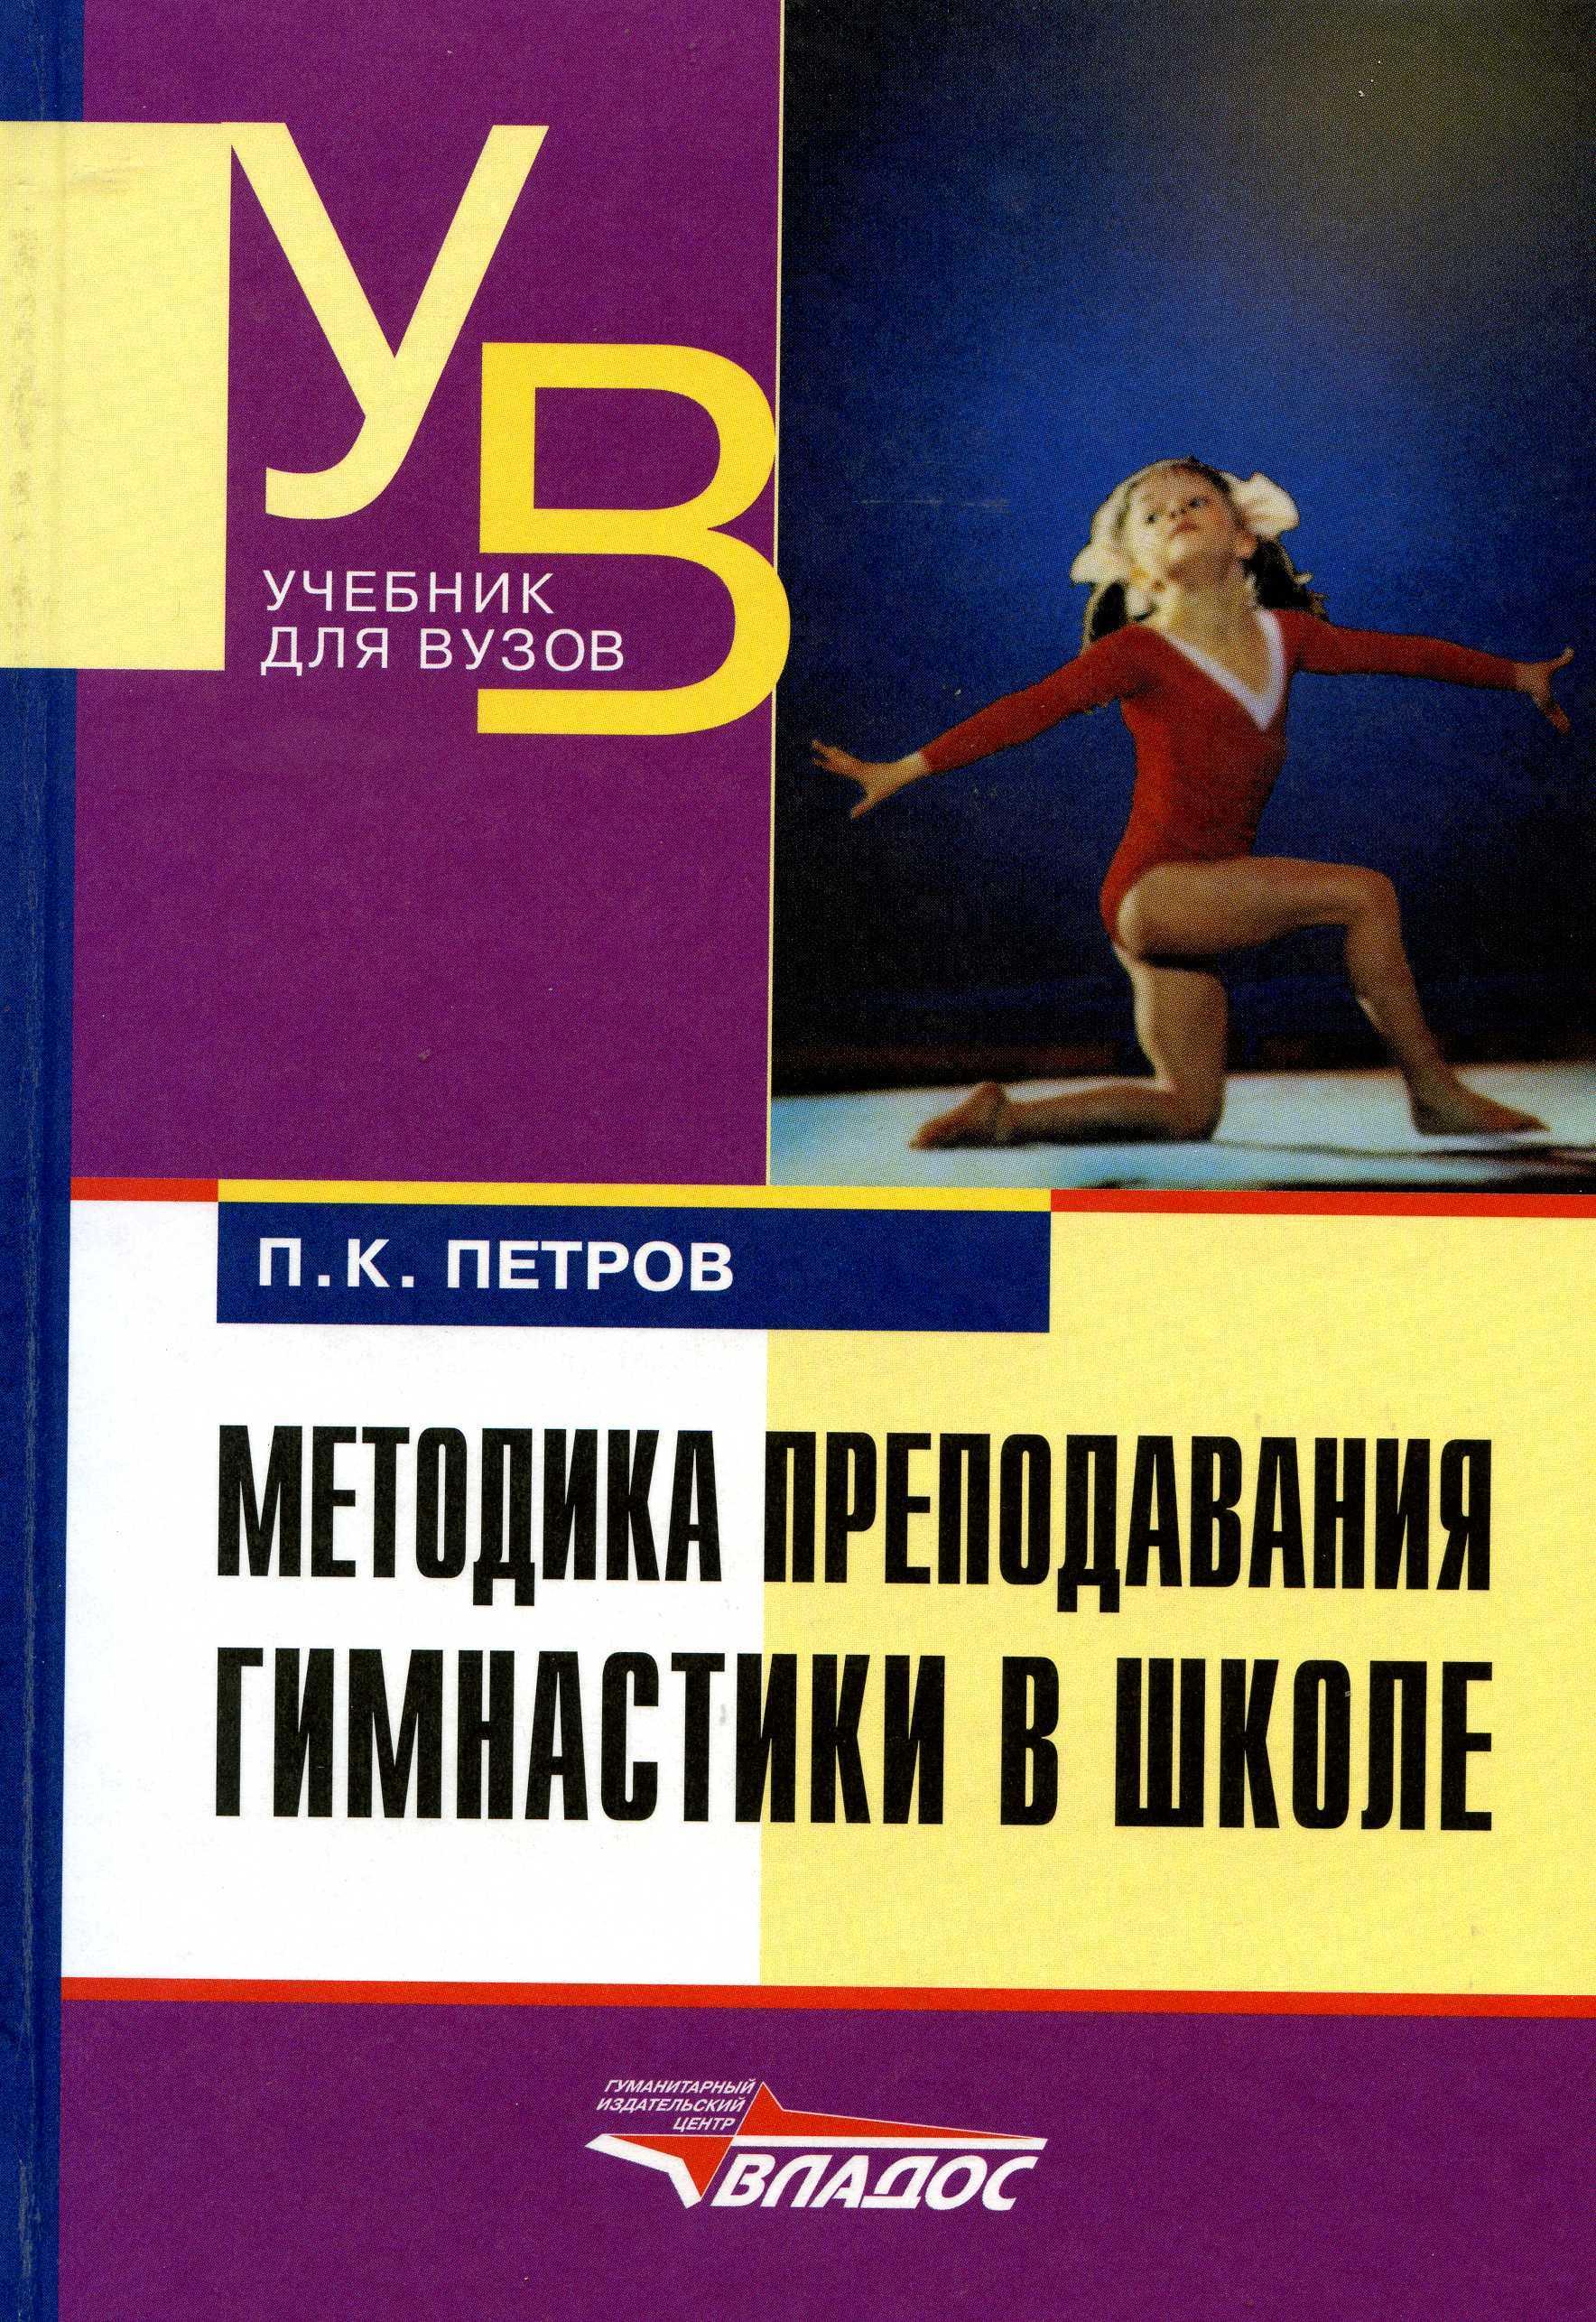 Институт физической культуры и спорта Научно методическая работа  гимнастика в школе